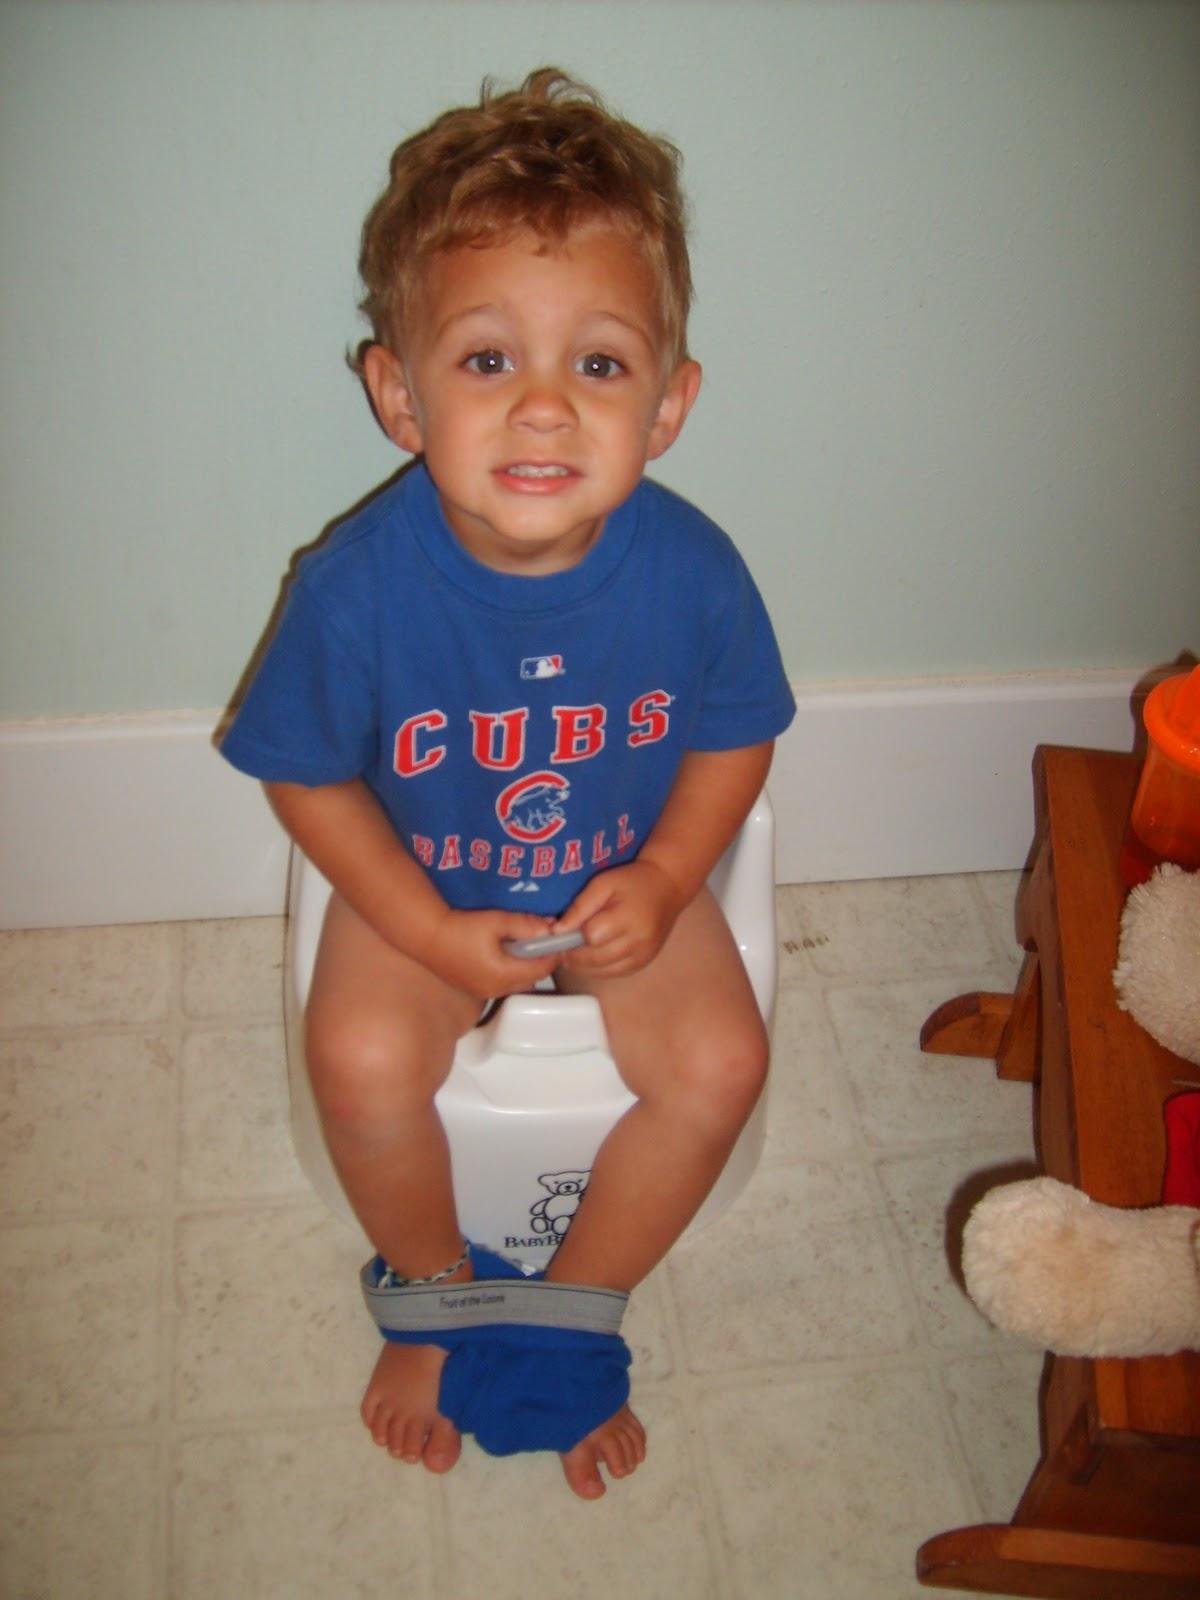 Baby potty training underwear 4t